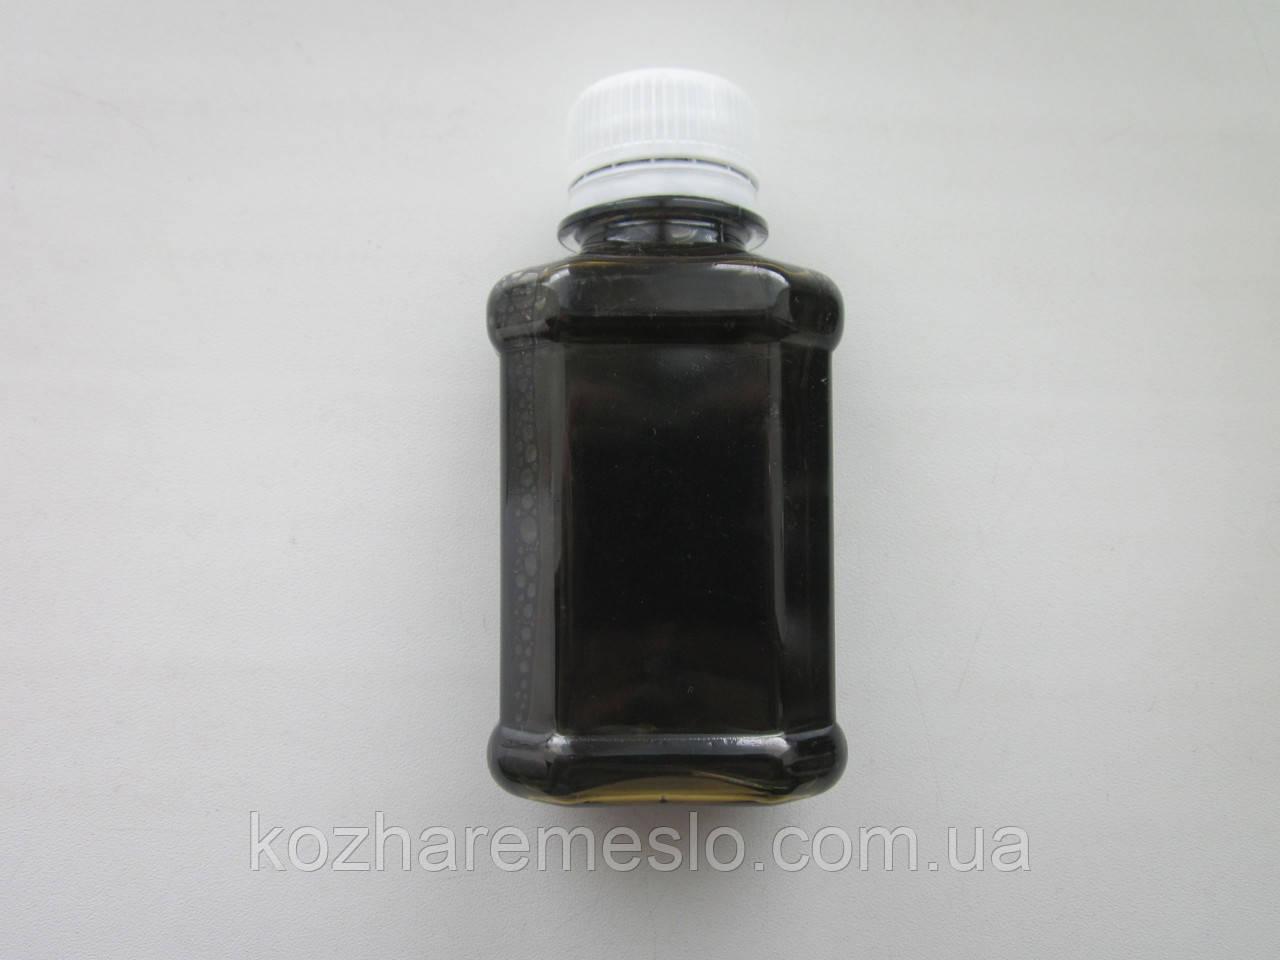 Аппретура для кожи на водной основе 100 мл коричневая сильный глянец